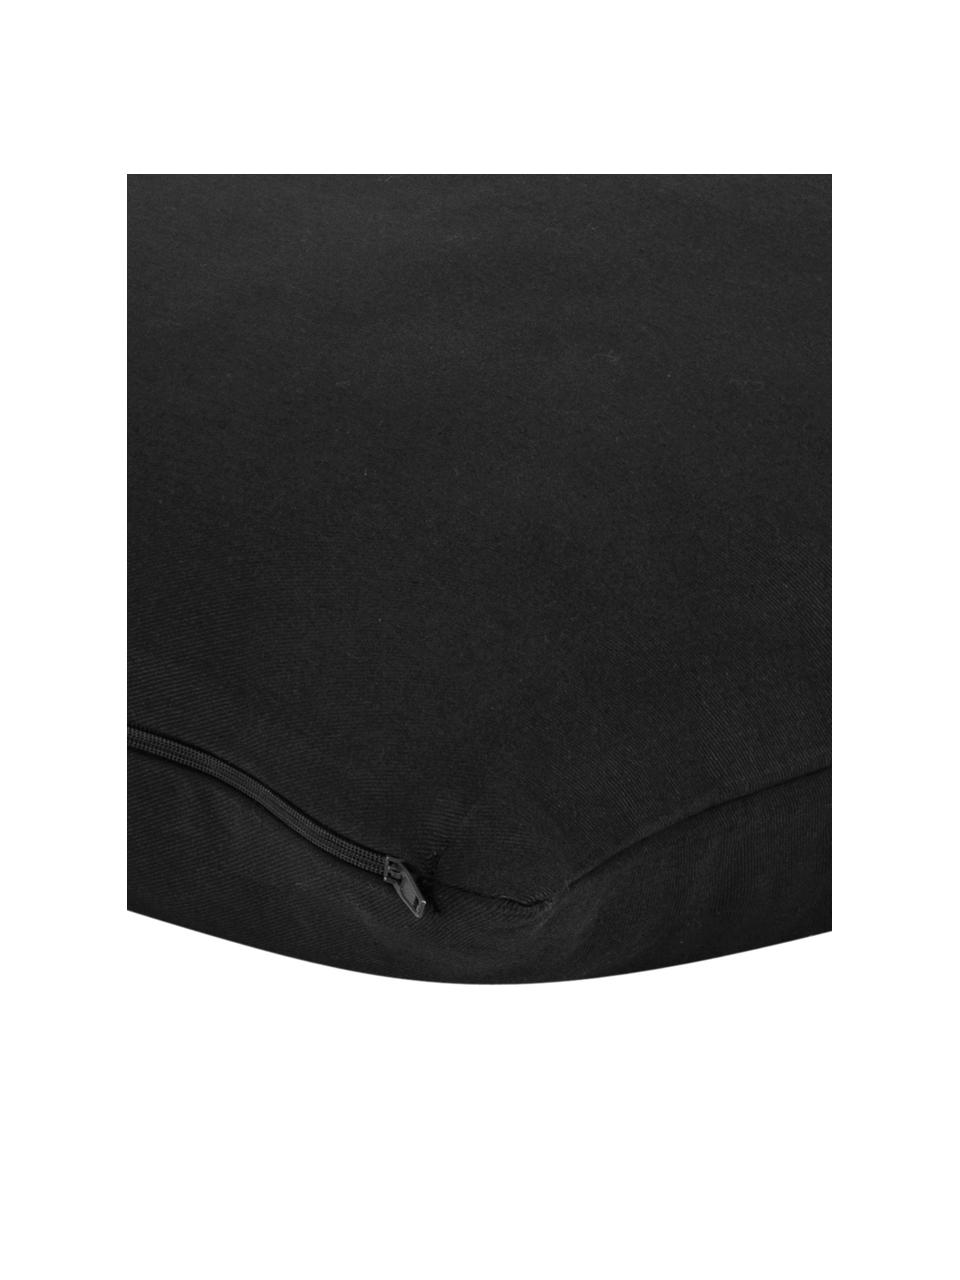 Baumwoll-Kissenhülle Mads in Schwarz, 100% Baumwolle, Schwarz, 50 x 50 cm